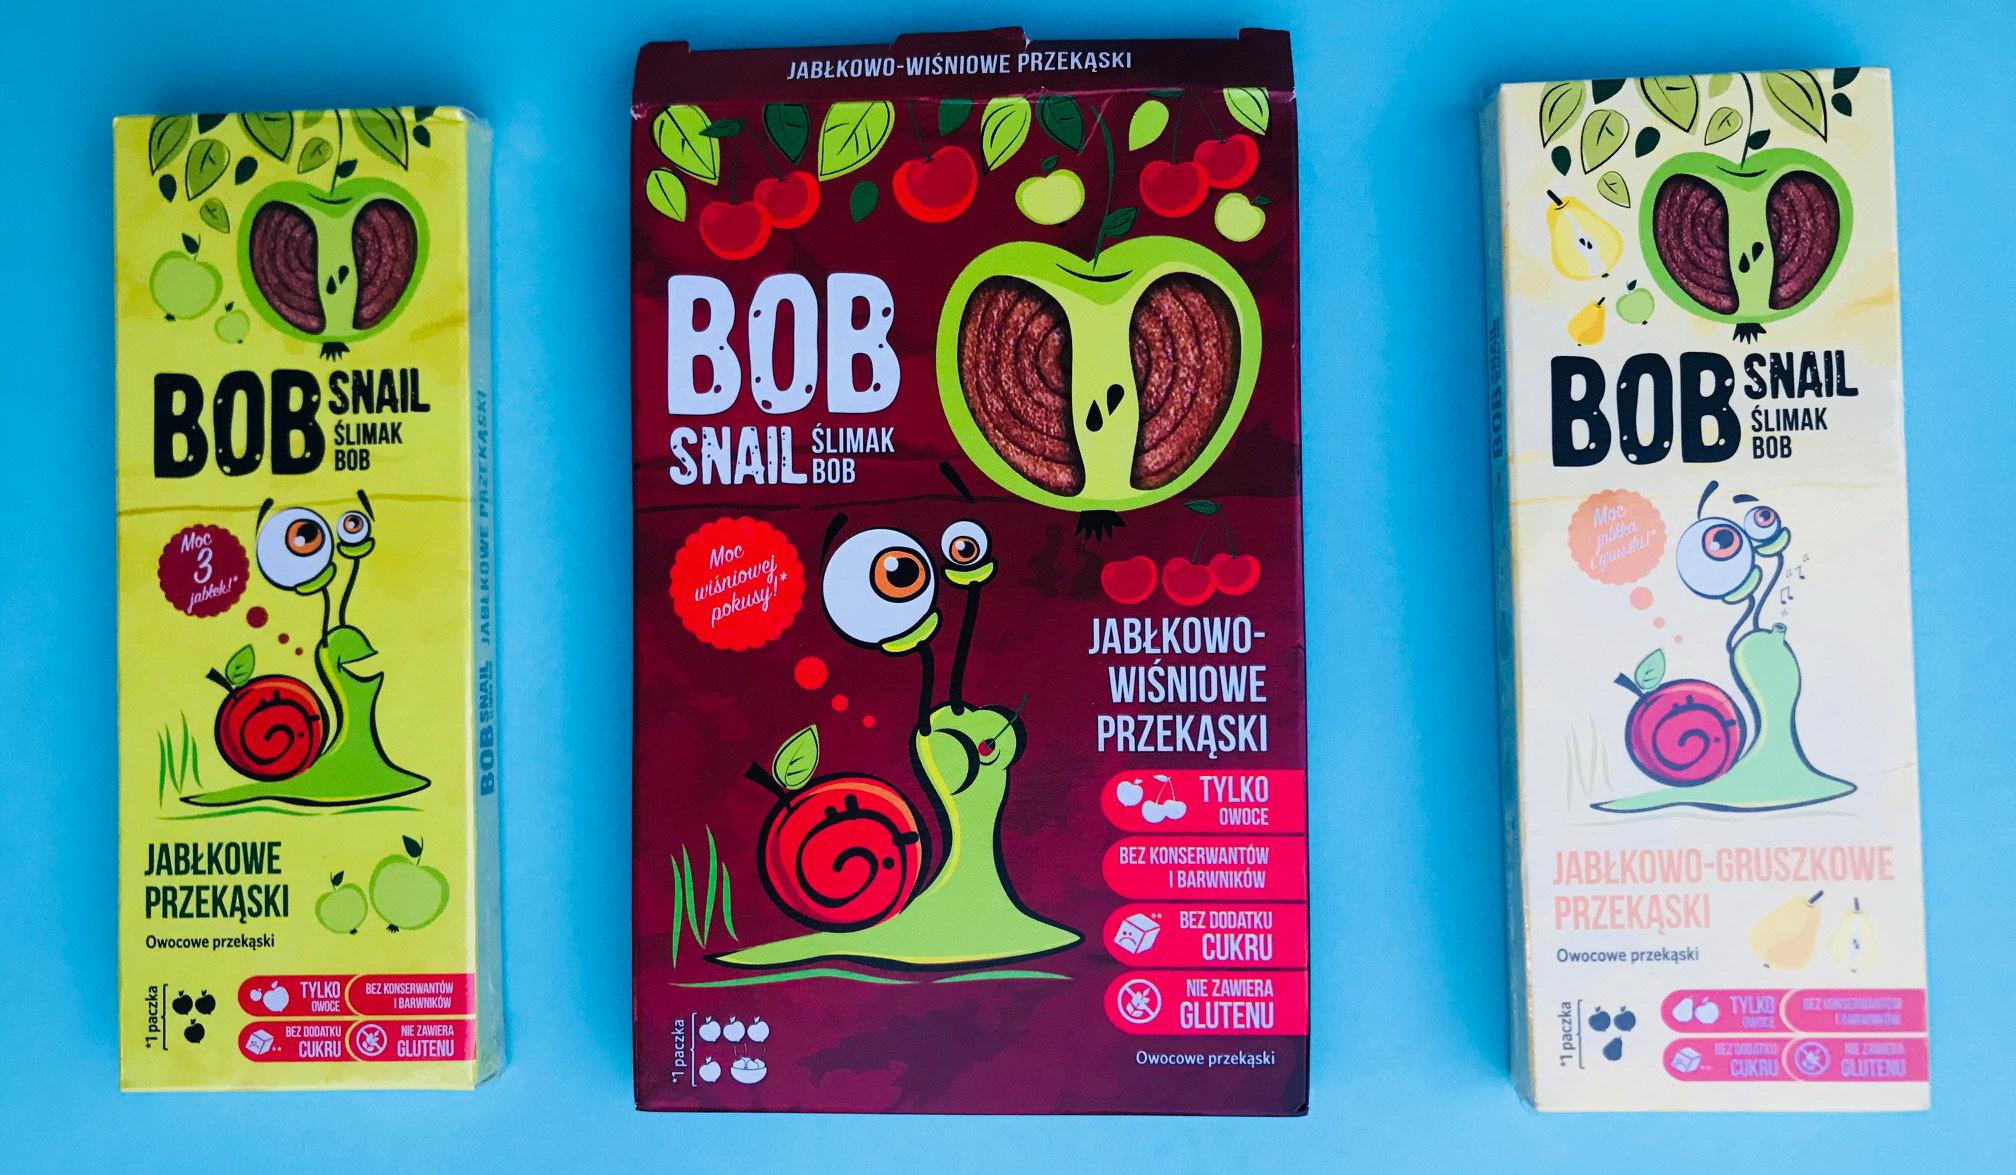 Ślimak Bob zdrowe słodycze